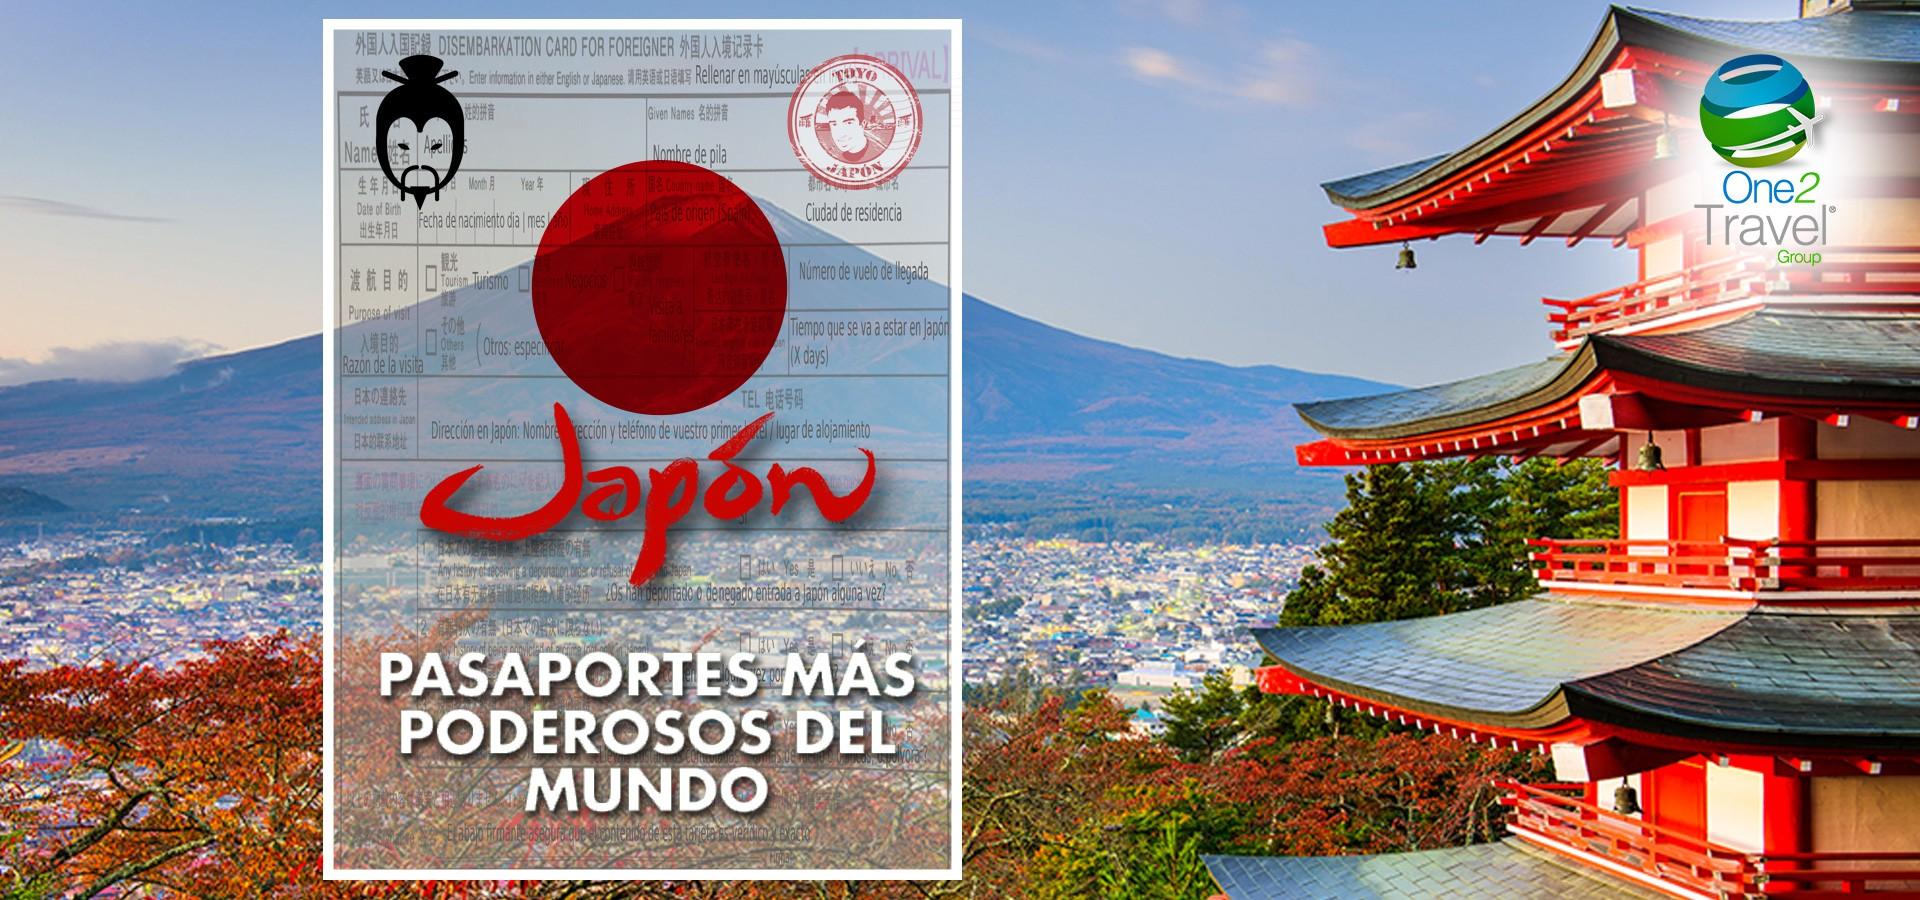 El pasaporte japonés el más poderoso del mundo: puede entrar a 190 países sin visa